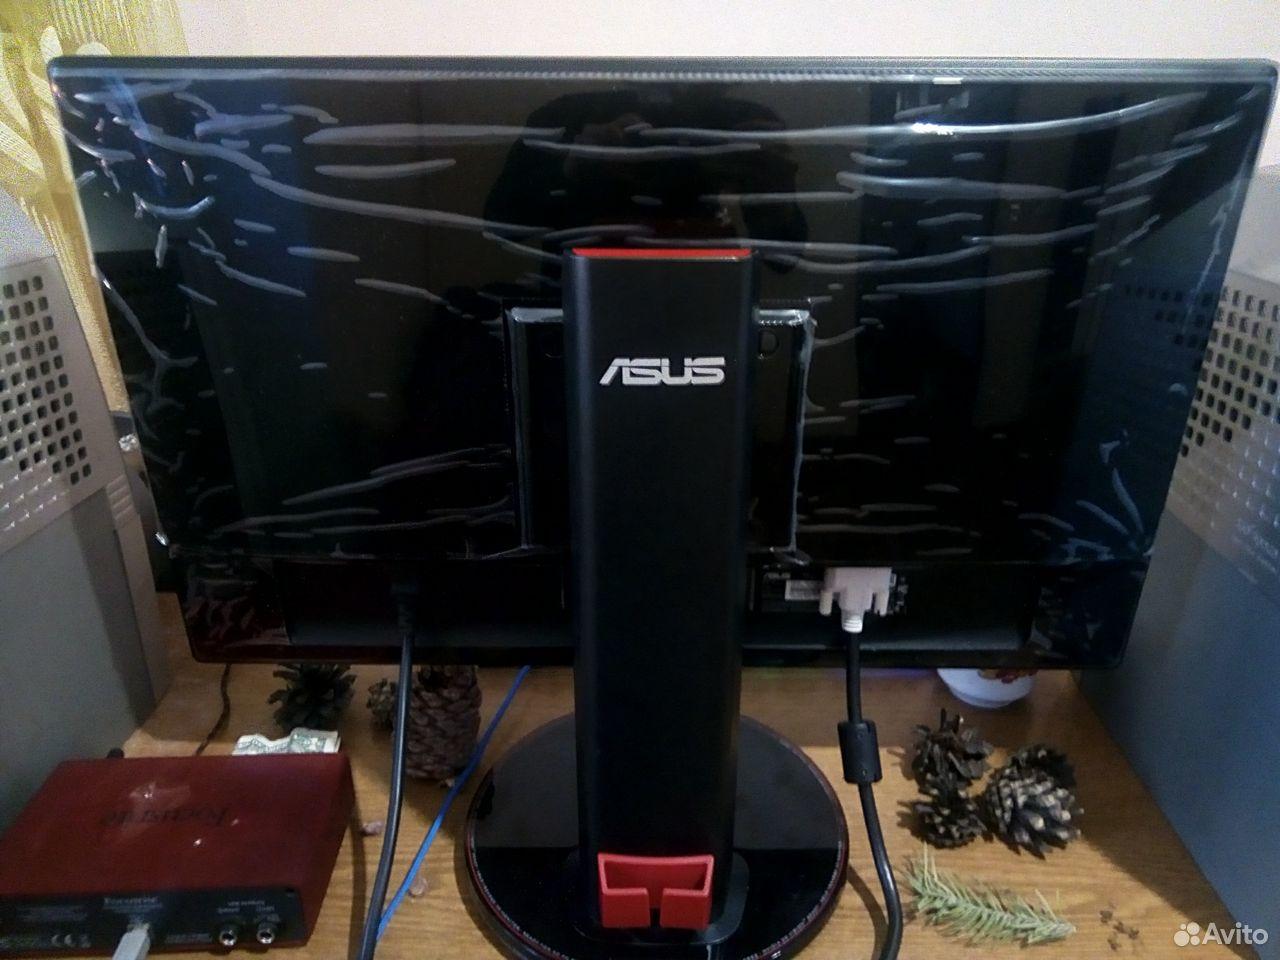 Asus vg248qe 144hz 1ms 24* монитор для киберспорта  89141354259 купить 2